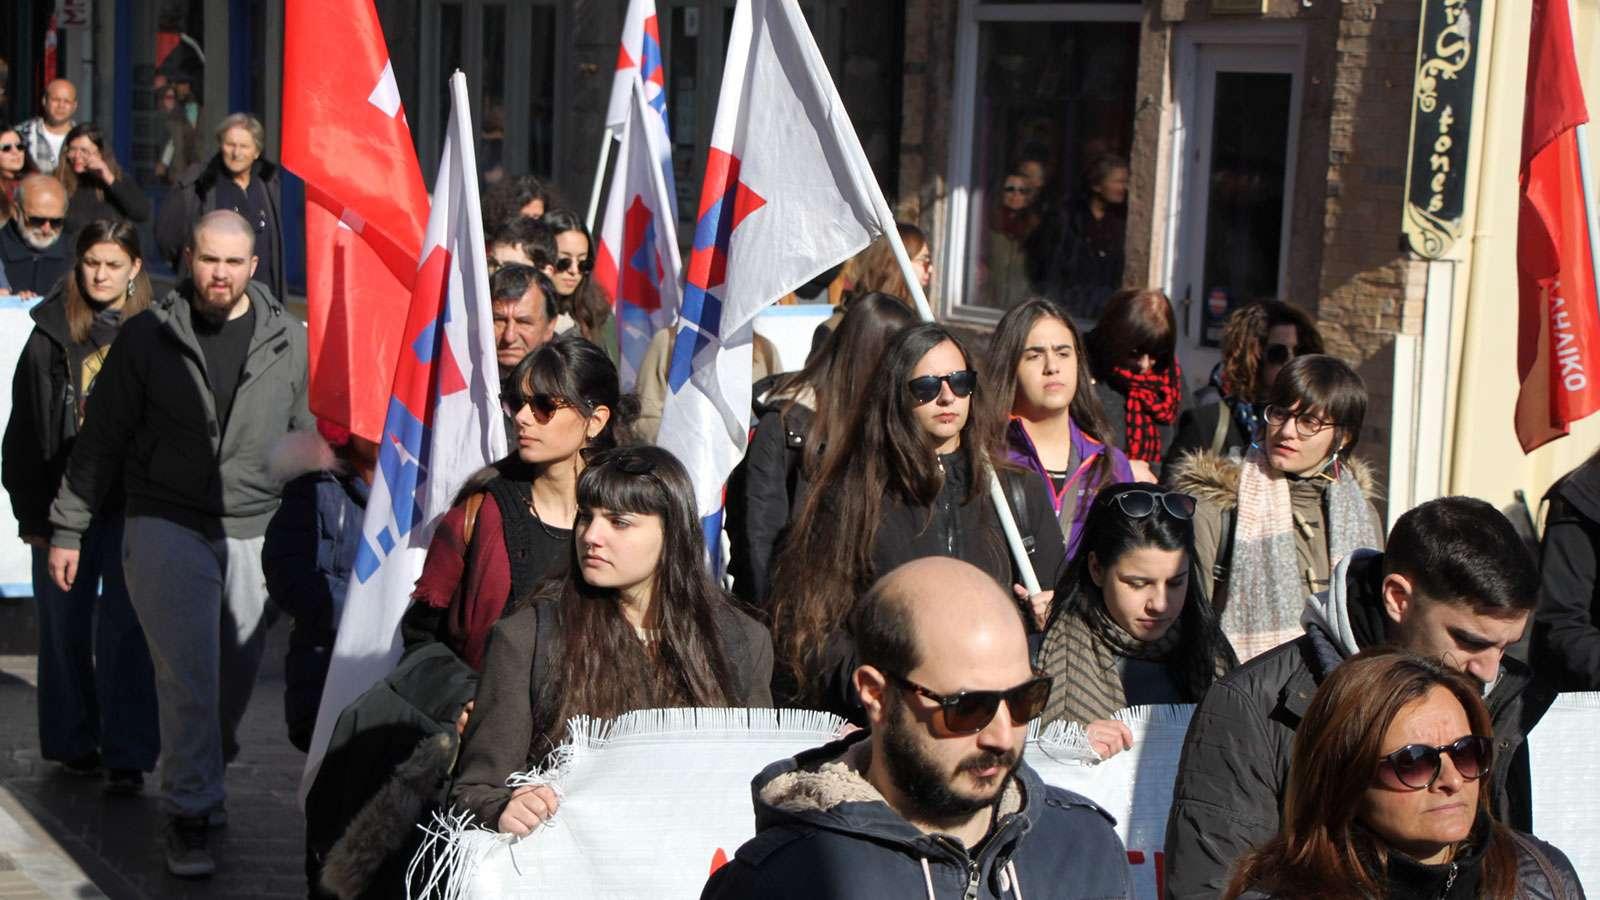 ΣΑΜΟΣ ΧΙΟΣ Συγκεντρώσεις ενάντια στην πολιτική του εγκλωβισμού και της καταστολής προσφύγων και μεταναστών 6